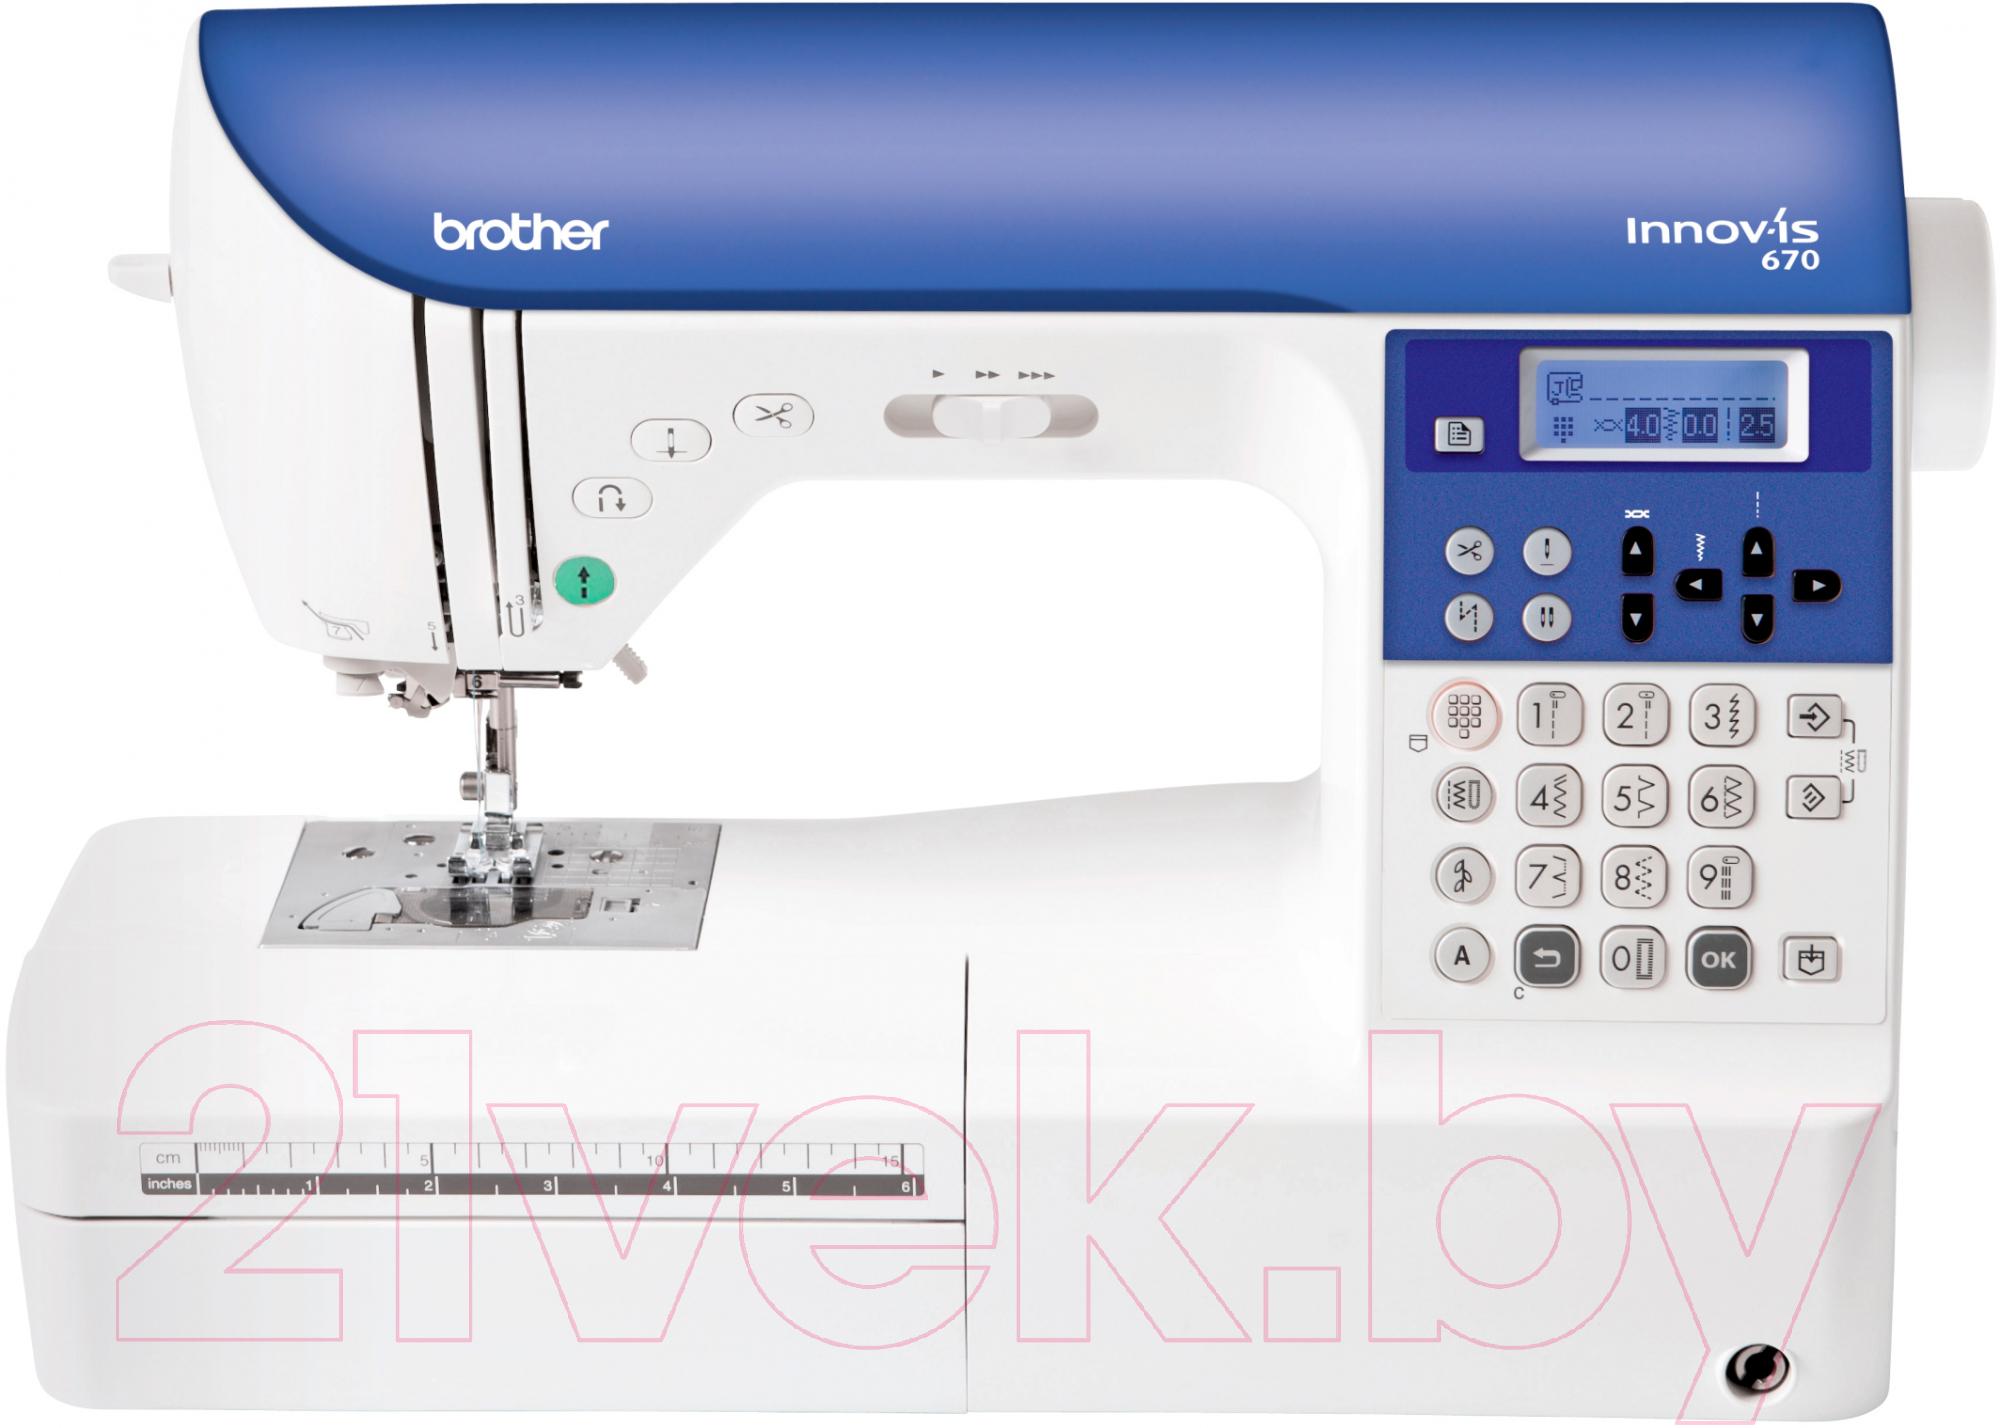 Купить Швейная машина Brother, NV-670, Китай